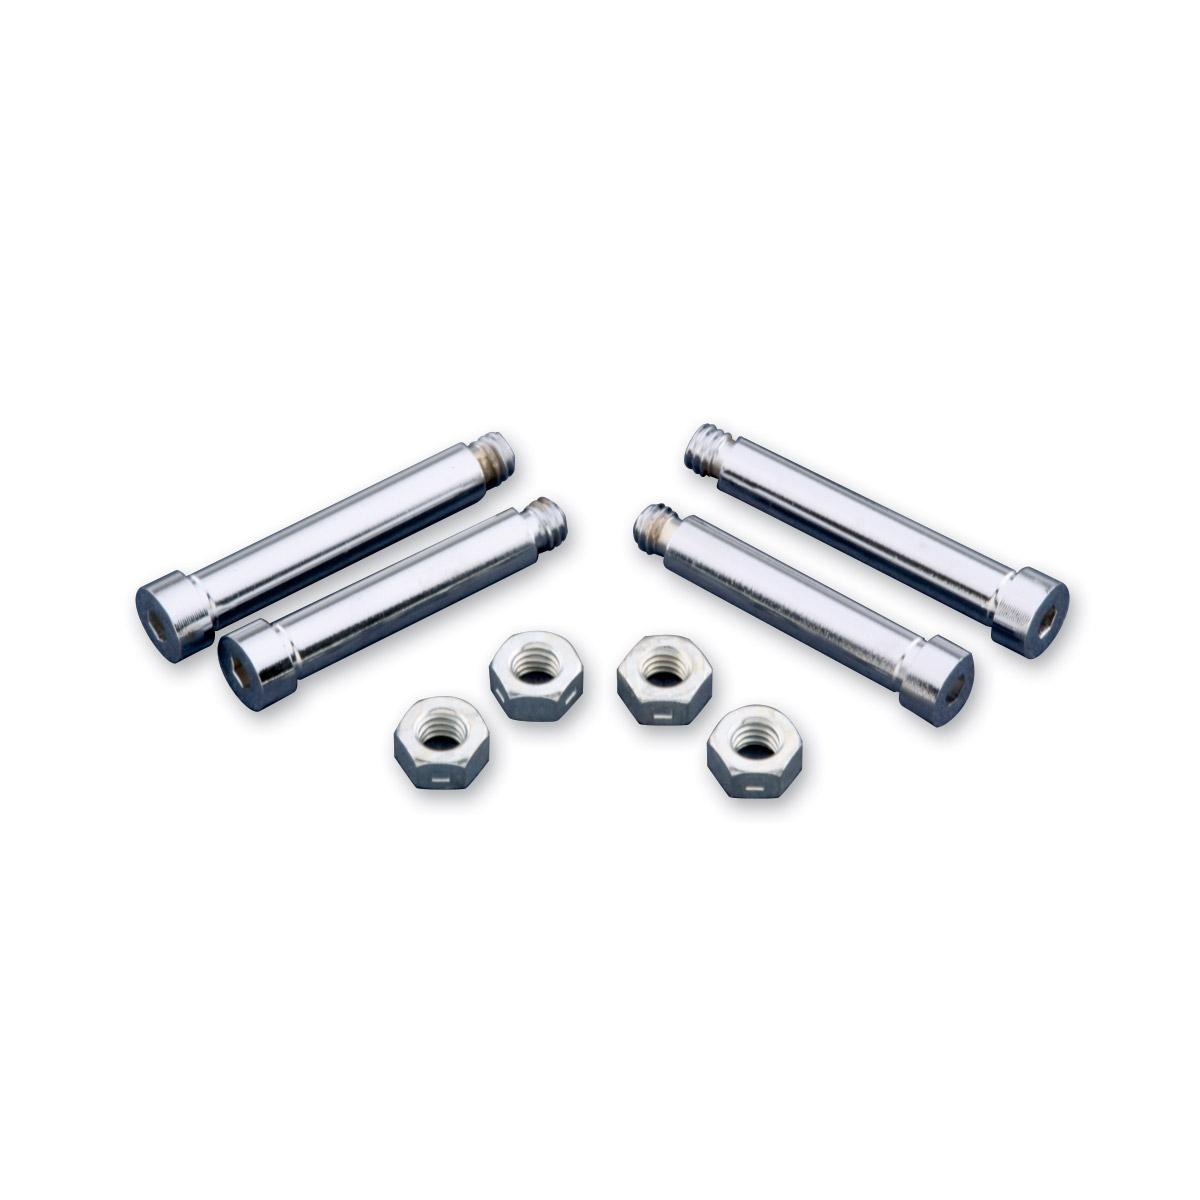 J&P Cycles® Chrome Caliper Mount Kit